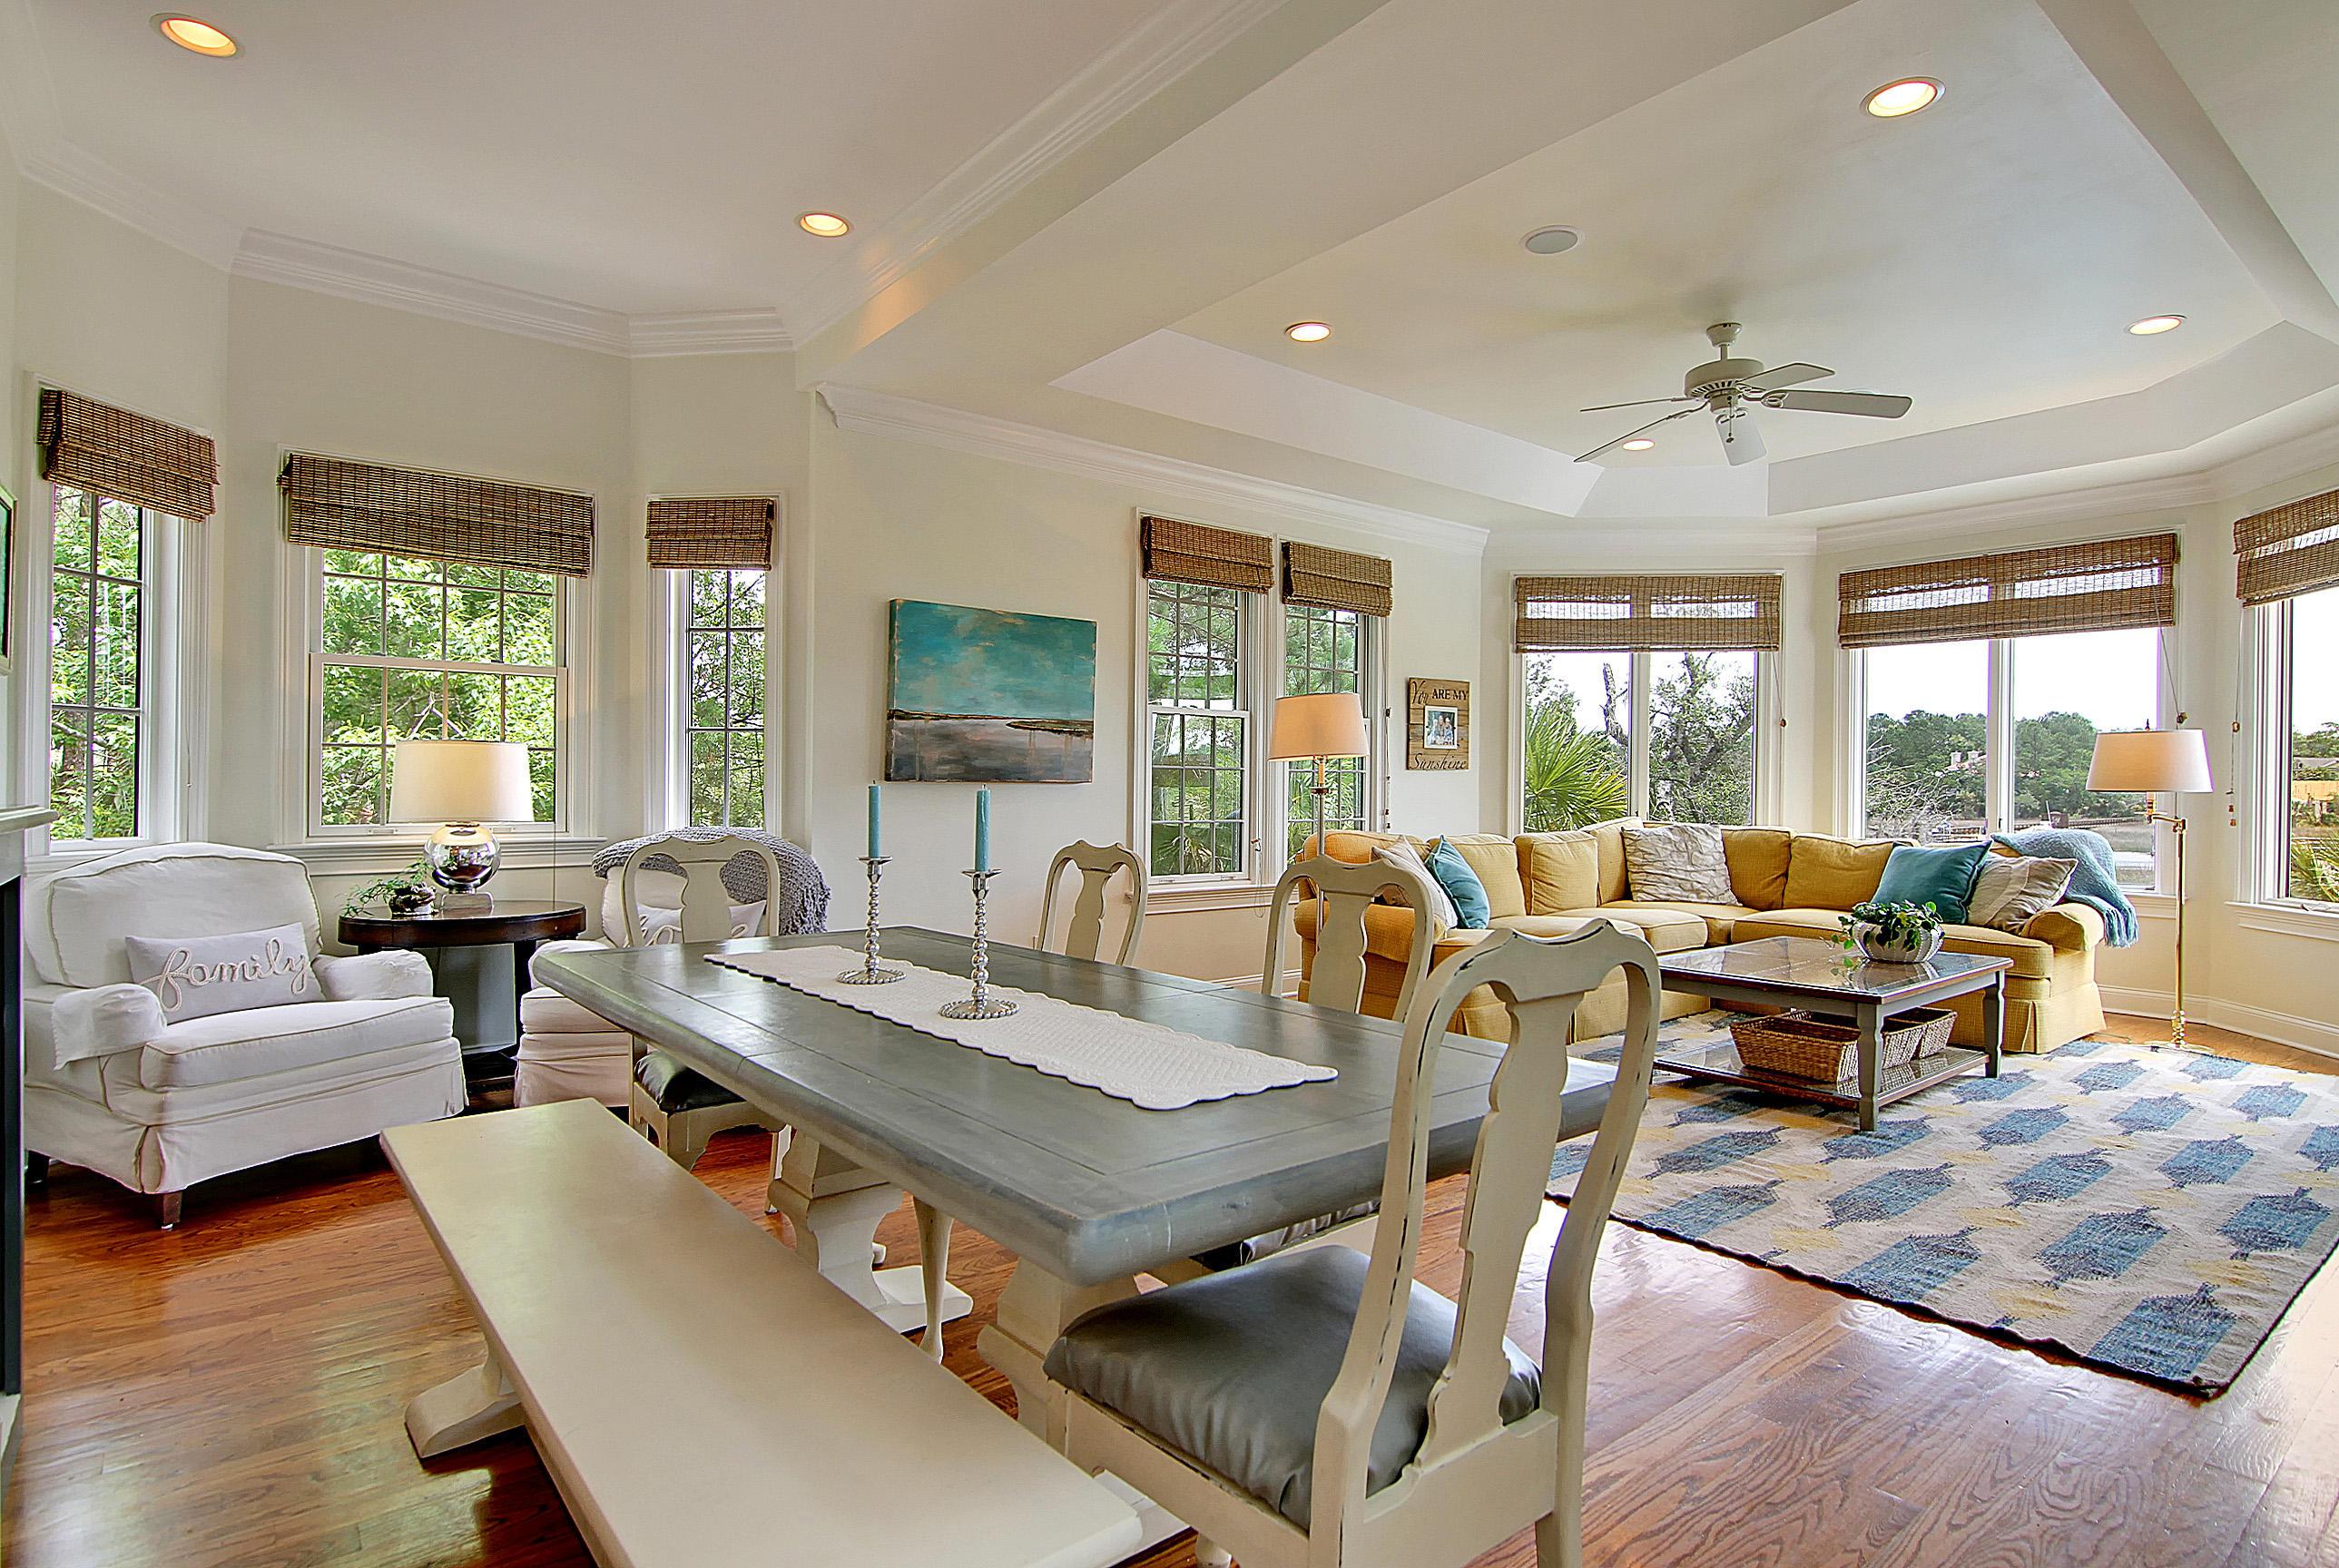 Dunes West Homes For Sale - 2282 Captain Waring, Mount Pleasant, SC - 53